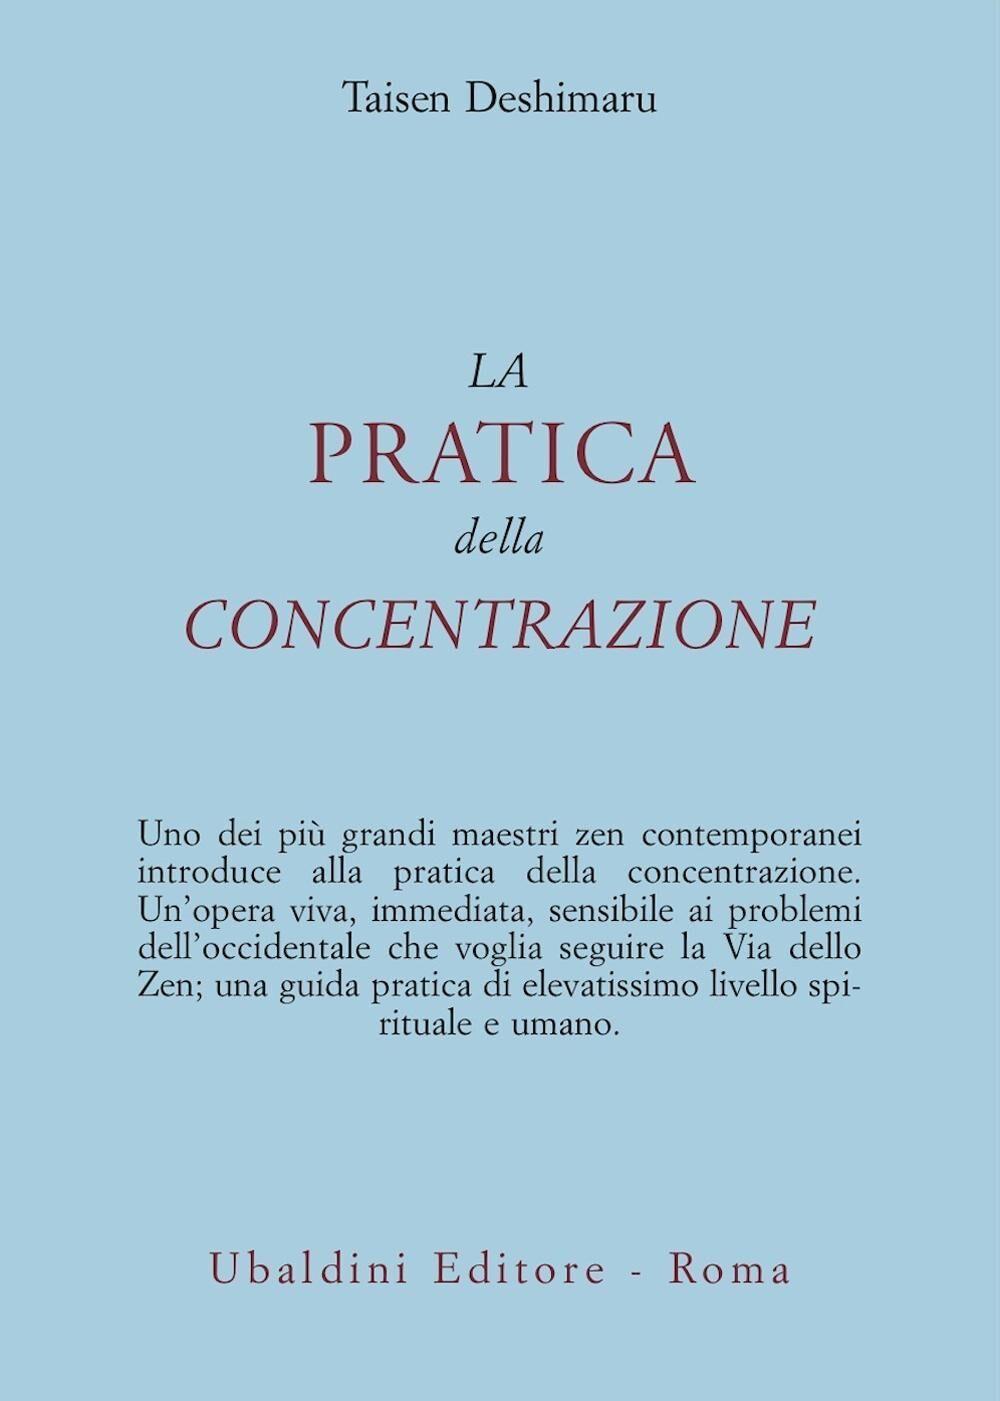 La pratica della concentrazione